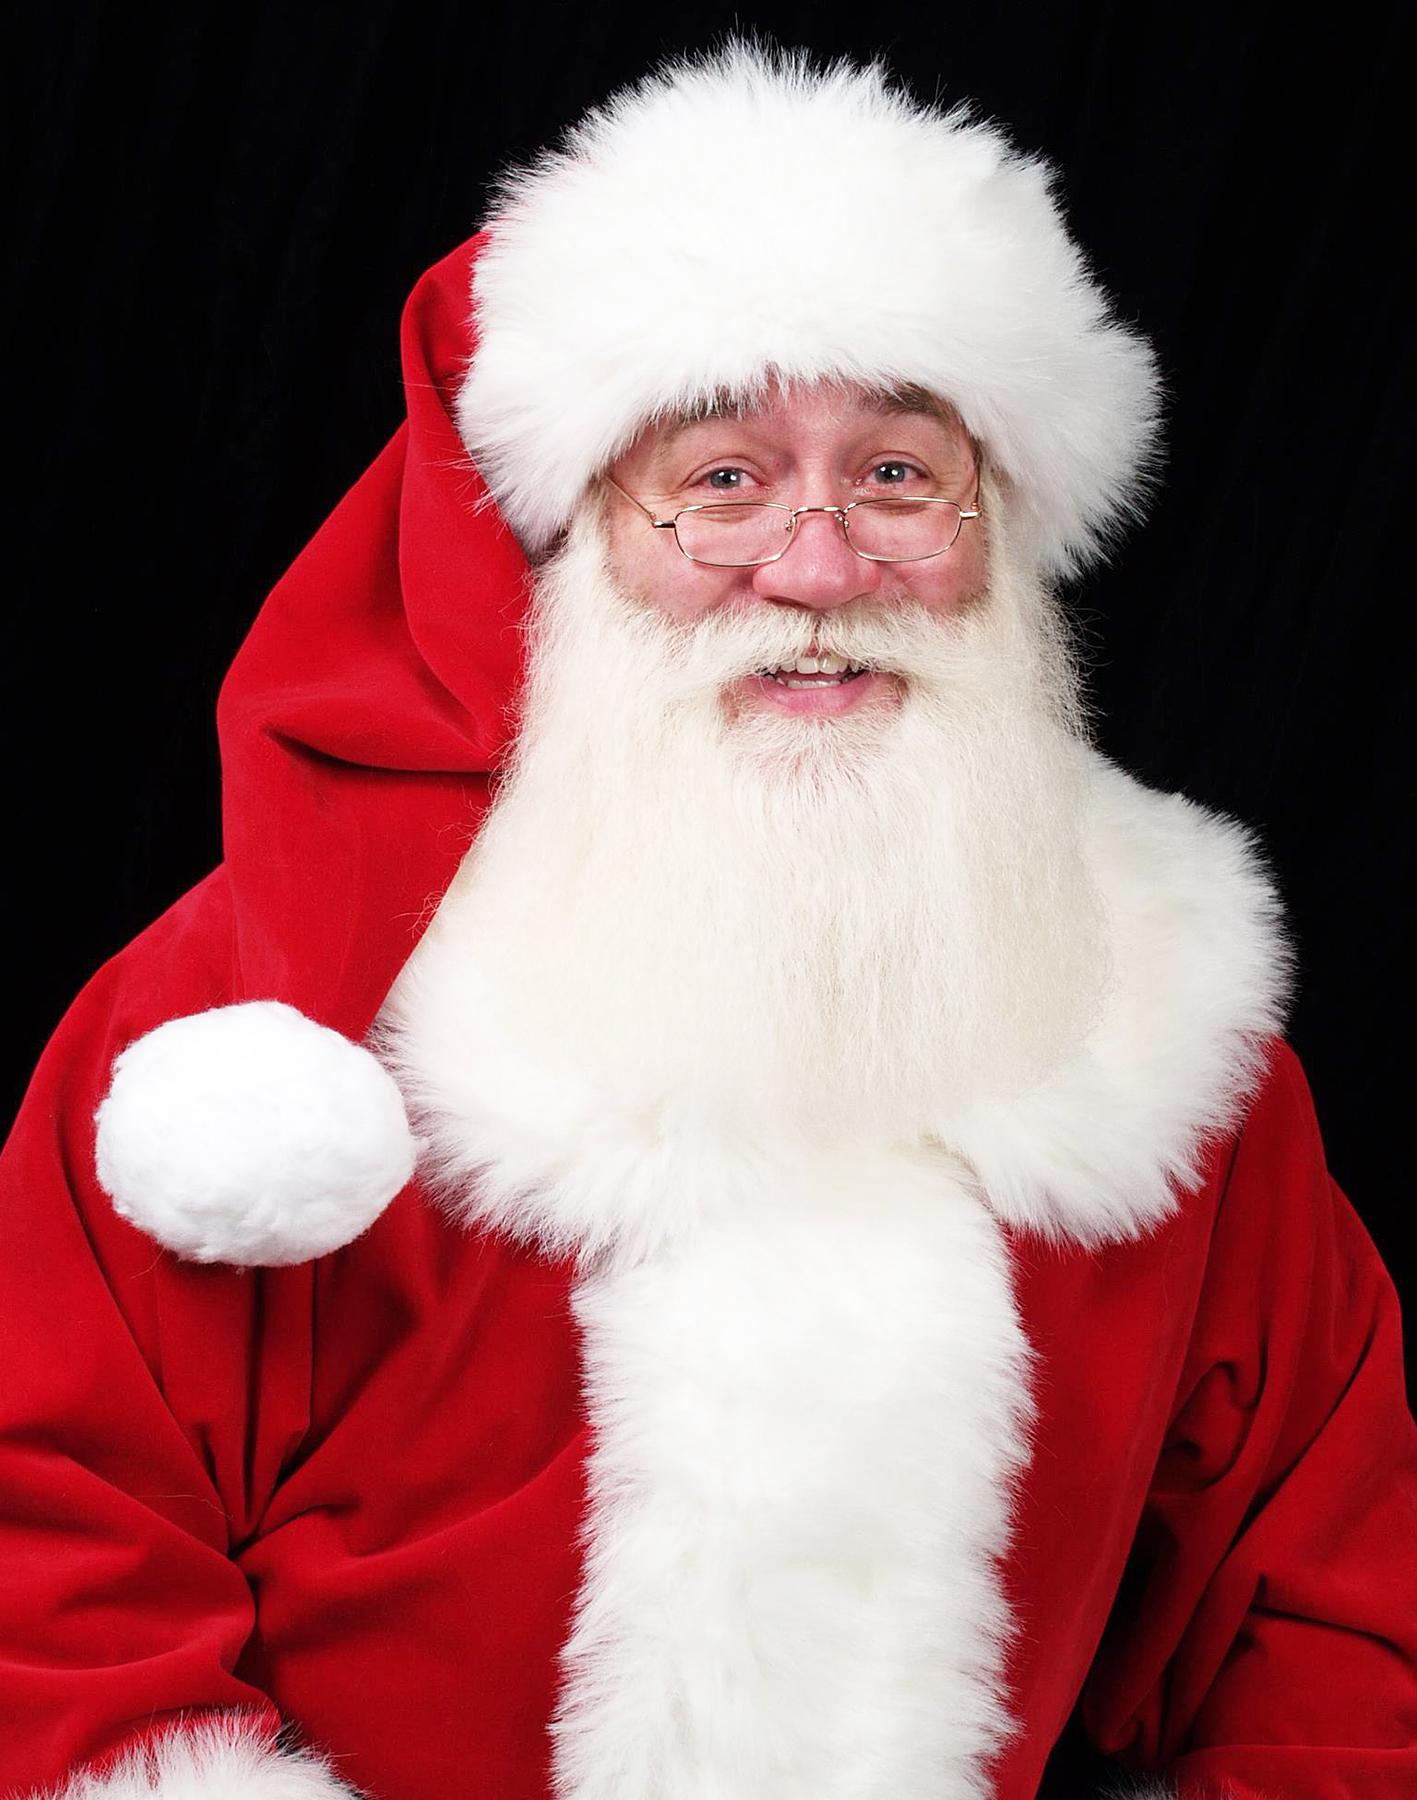 Eric J. Schmitt-Matzen Santa Claus